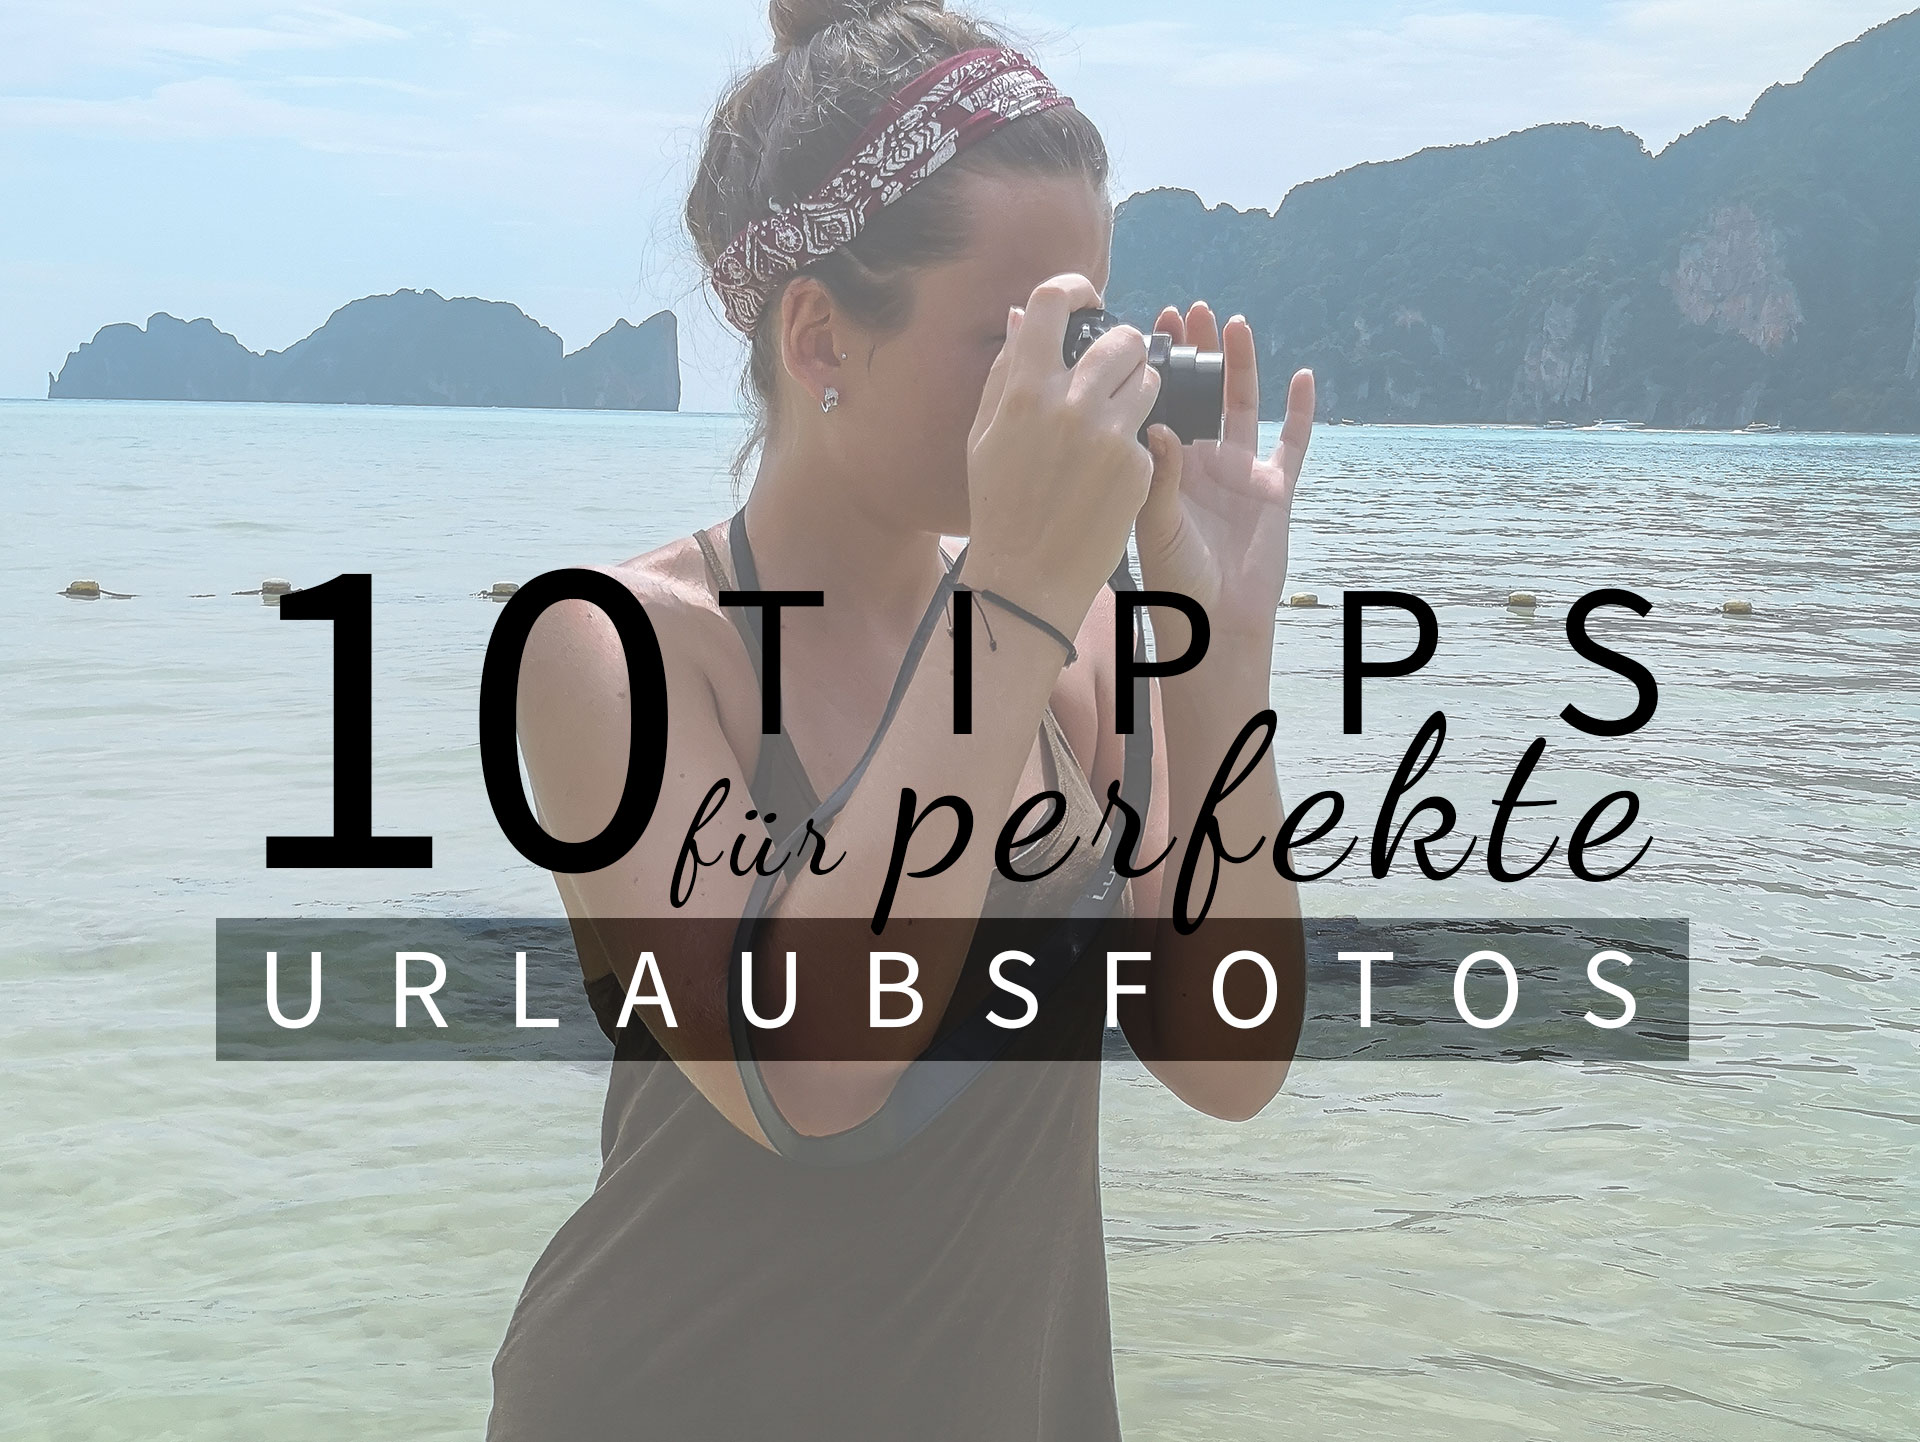 10 Tipps für perfekte Urlaubsfotos